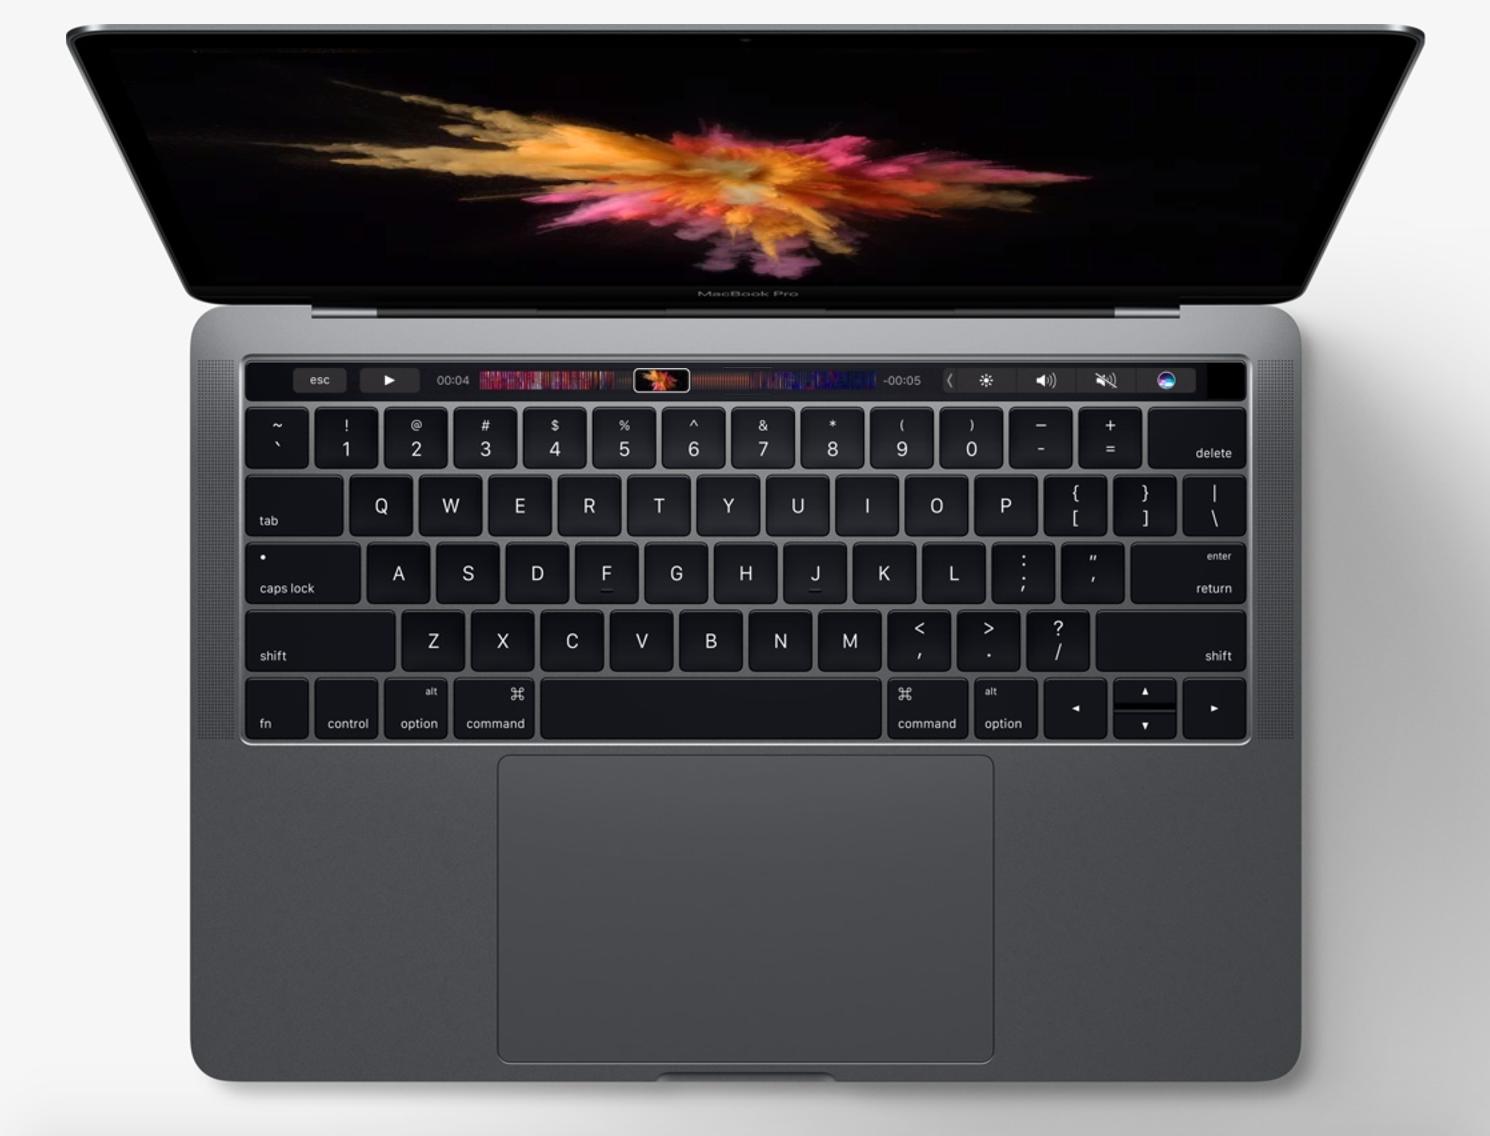 2017 MacBook Pro Keyboard